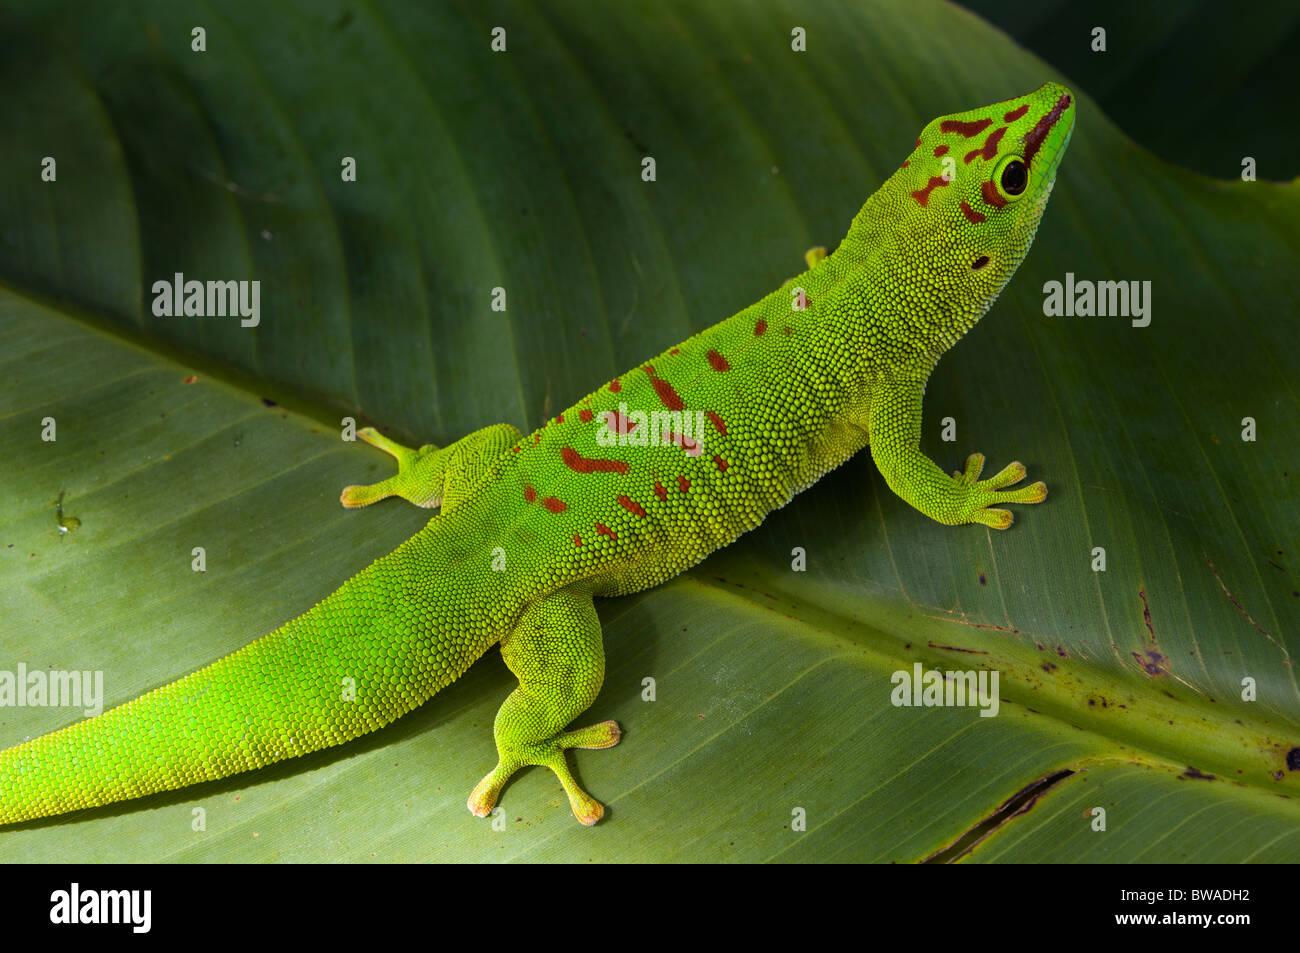 Giant Madagascar day gecko on banana leaf - Stock Image